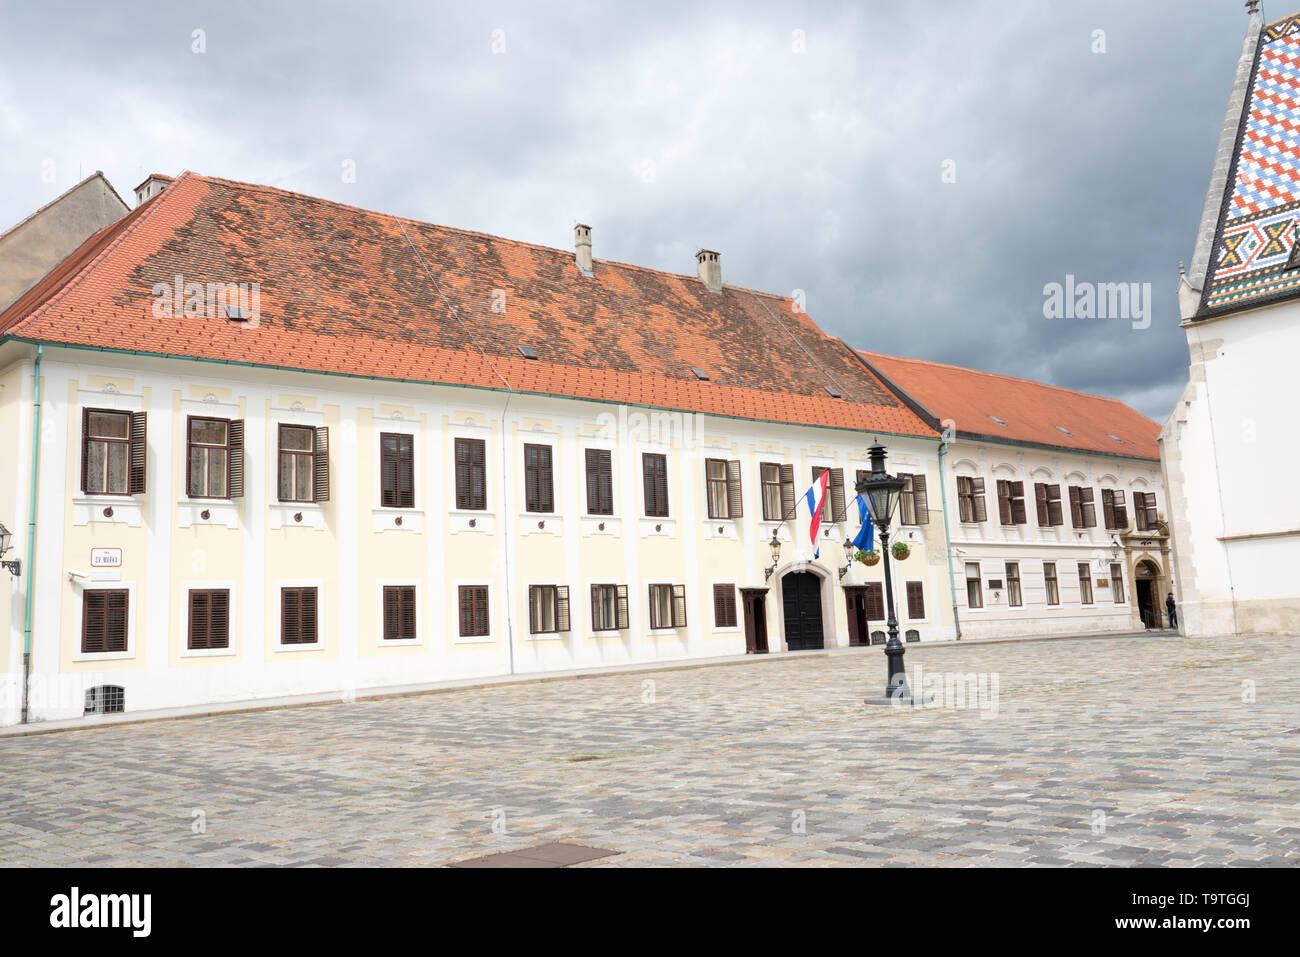 Zagabria, Croazia - Banski dvori croato di sede del Governo sulla Piazza San Marco Immagini Stock